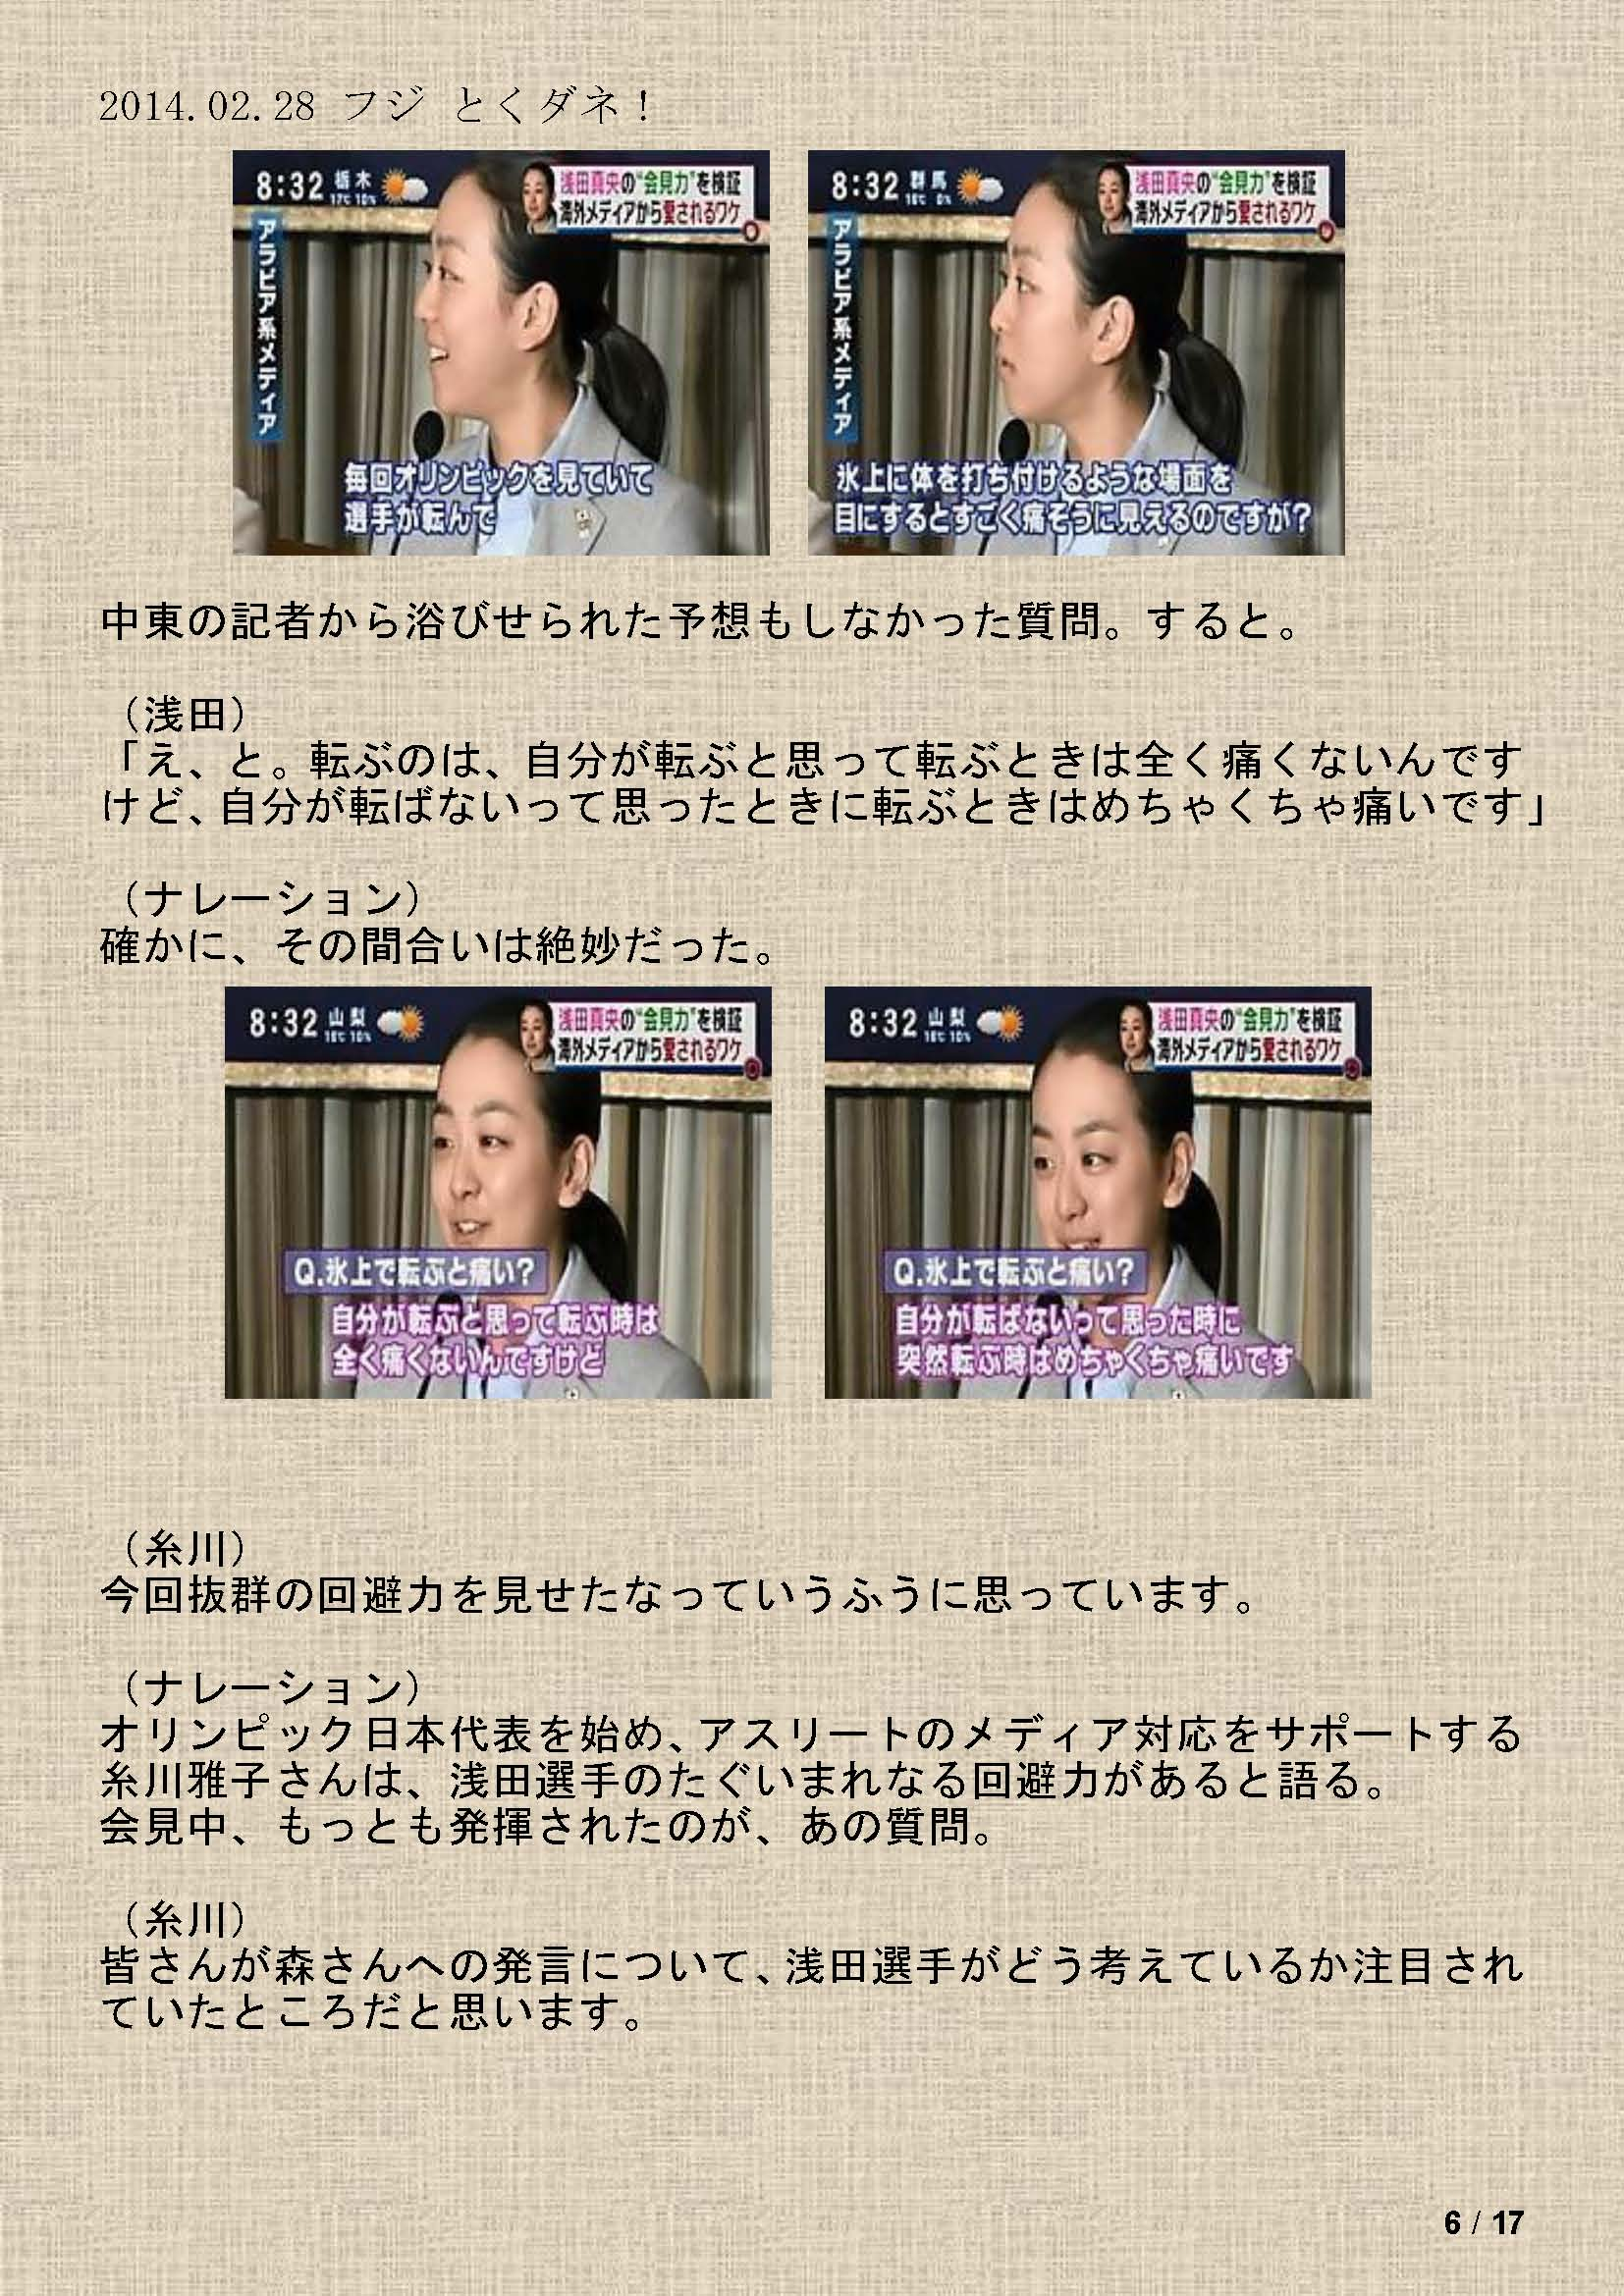 2014.02.28 フジ とくダネ!(浅田)_ページ_06